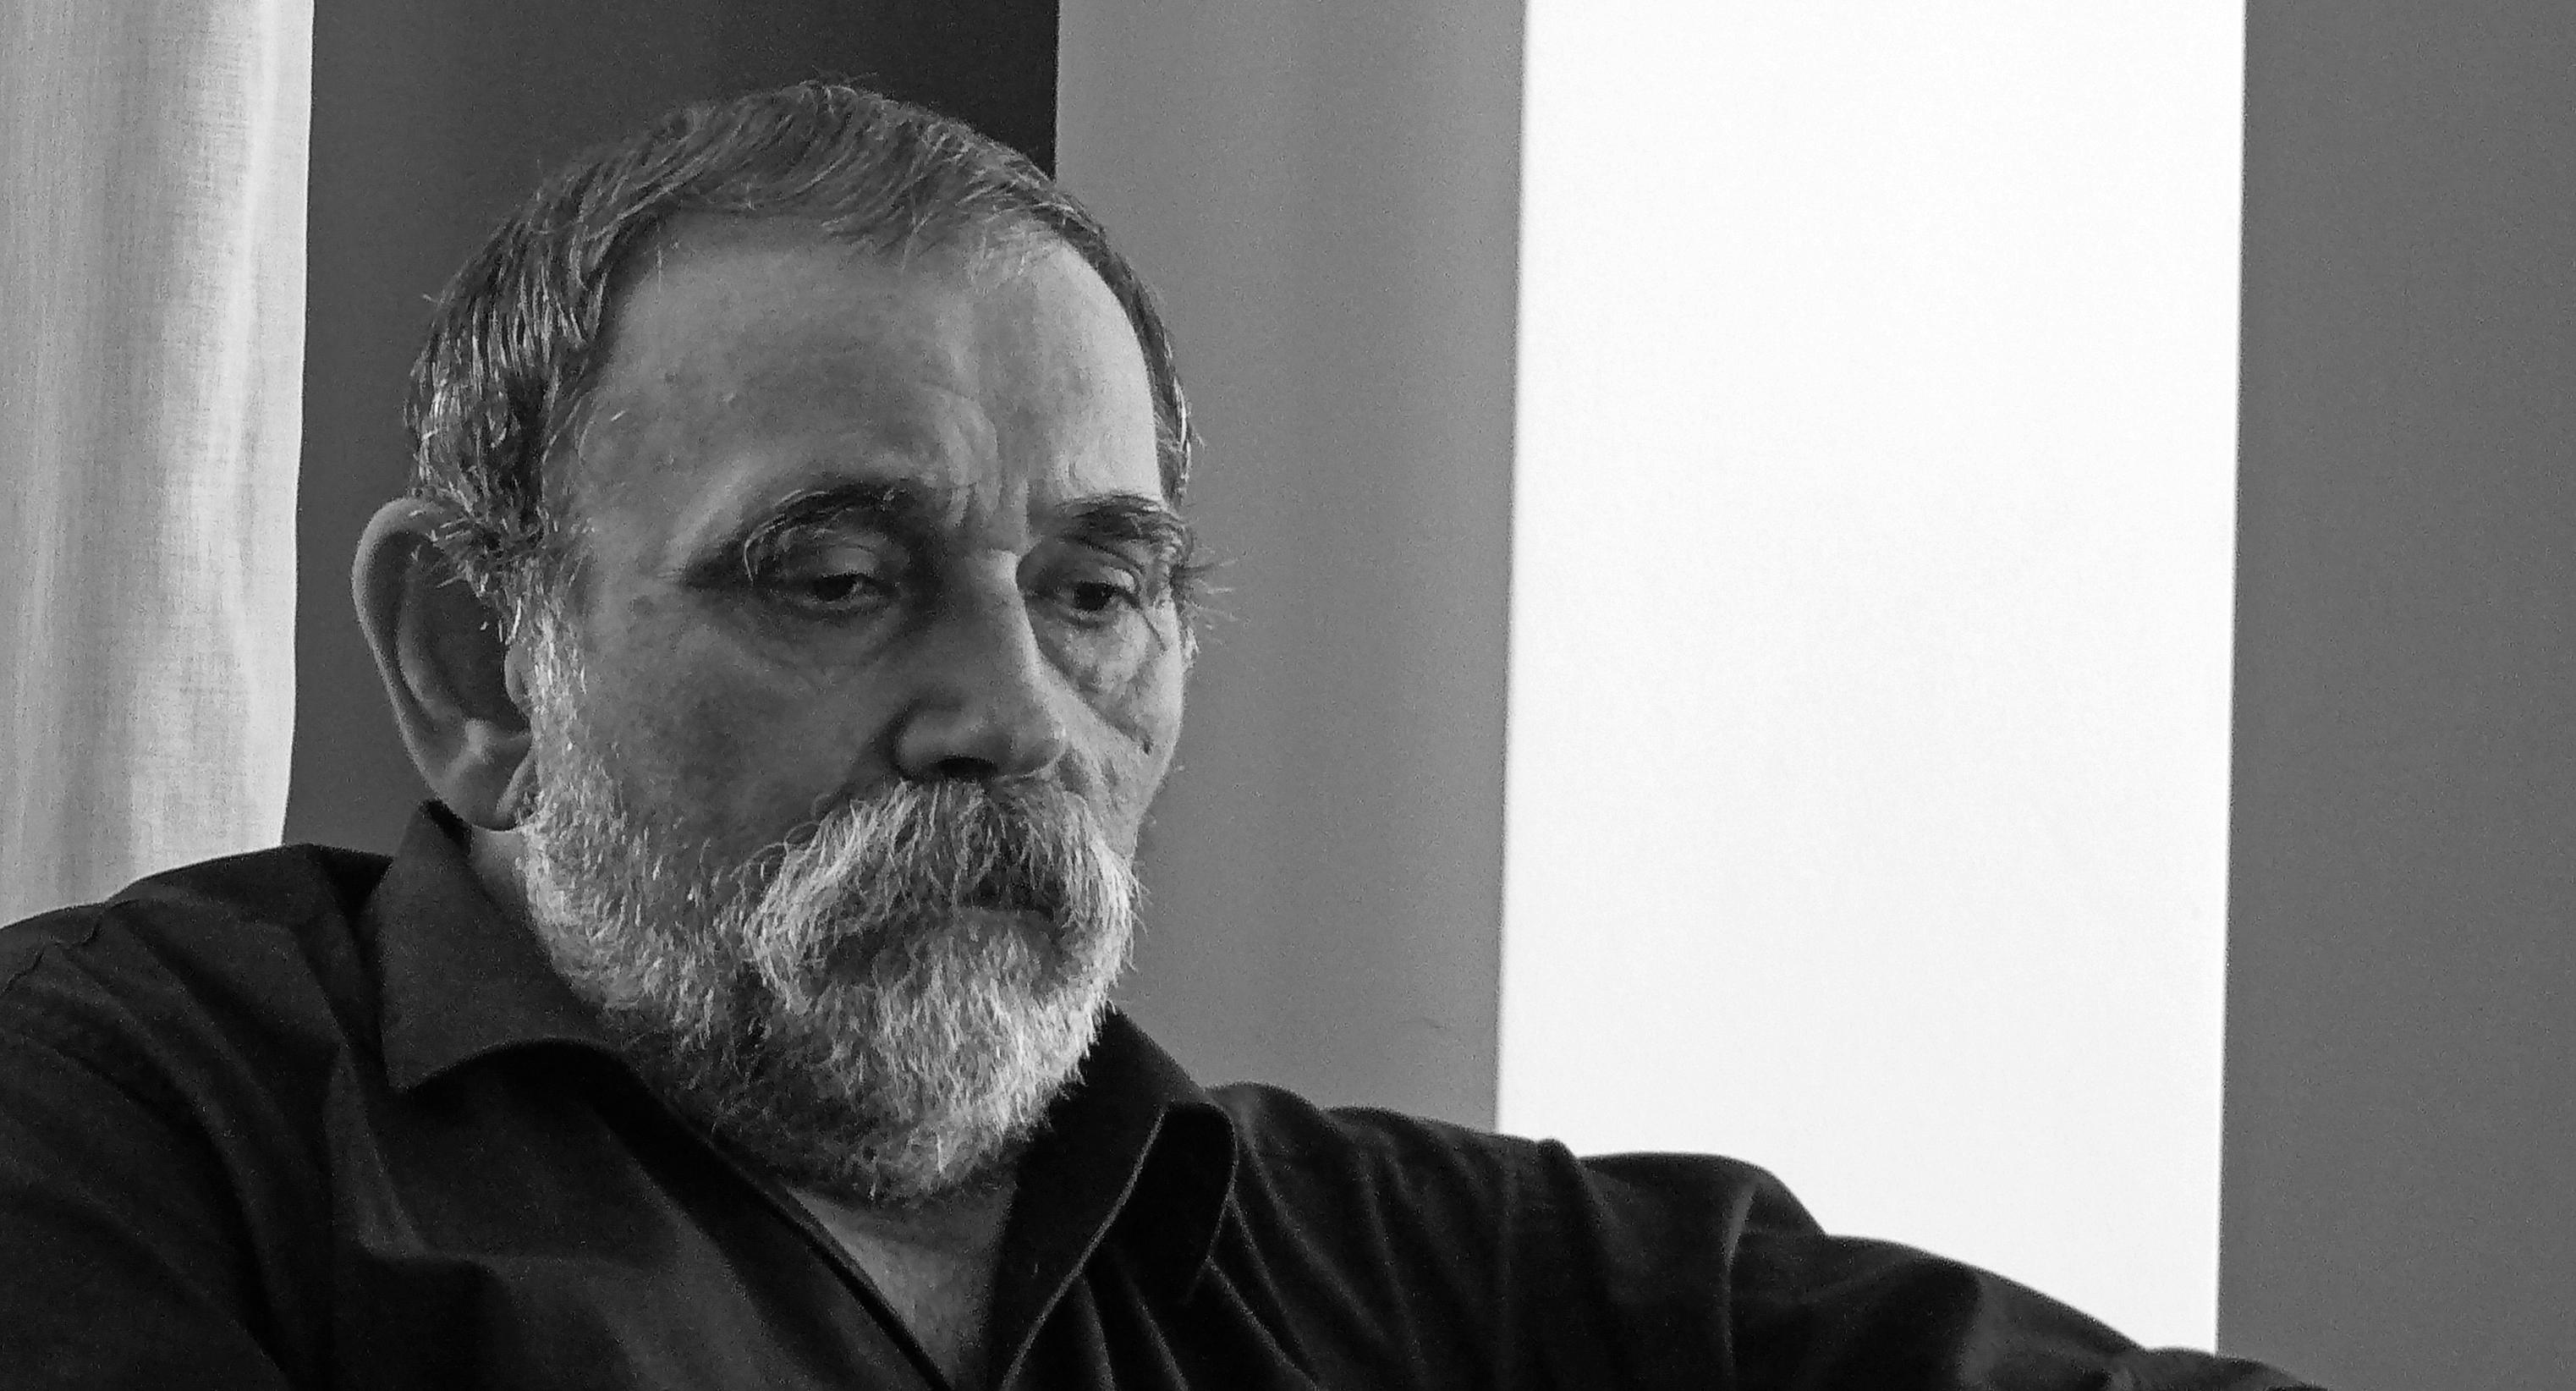 Aurel Pantea, laureatul Premiului Național de Poezie Mihai Eminescu - Opera Omnia, Botoșani!